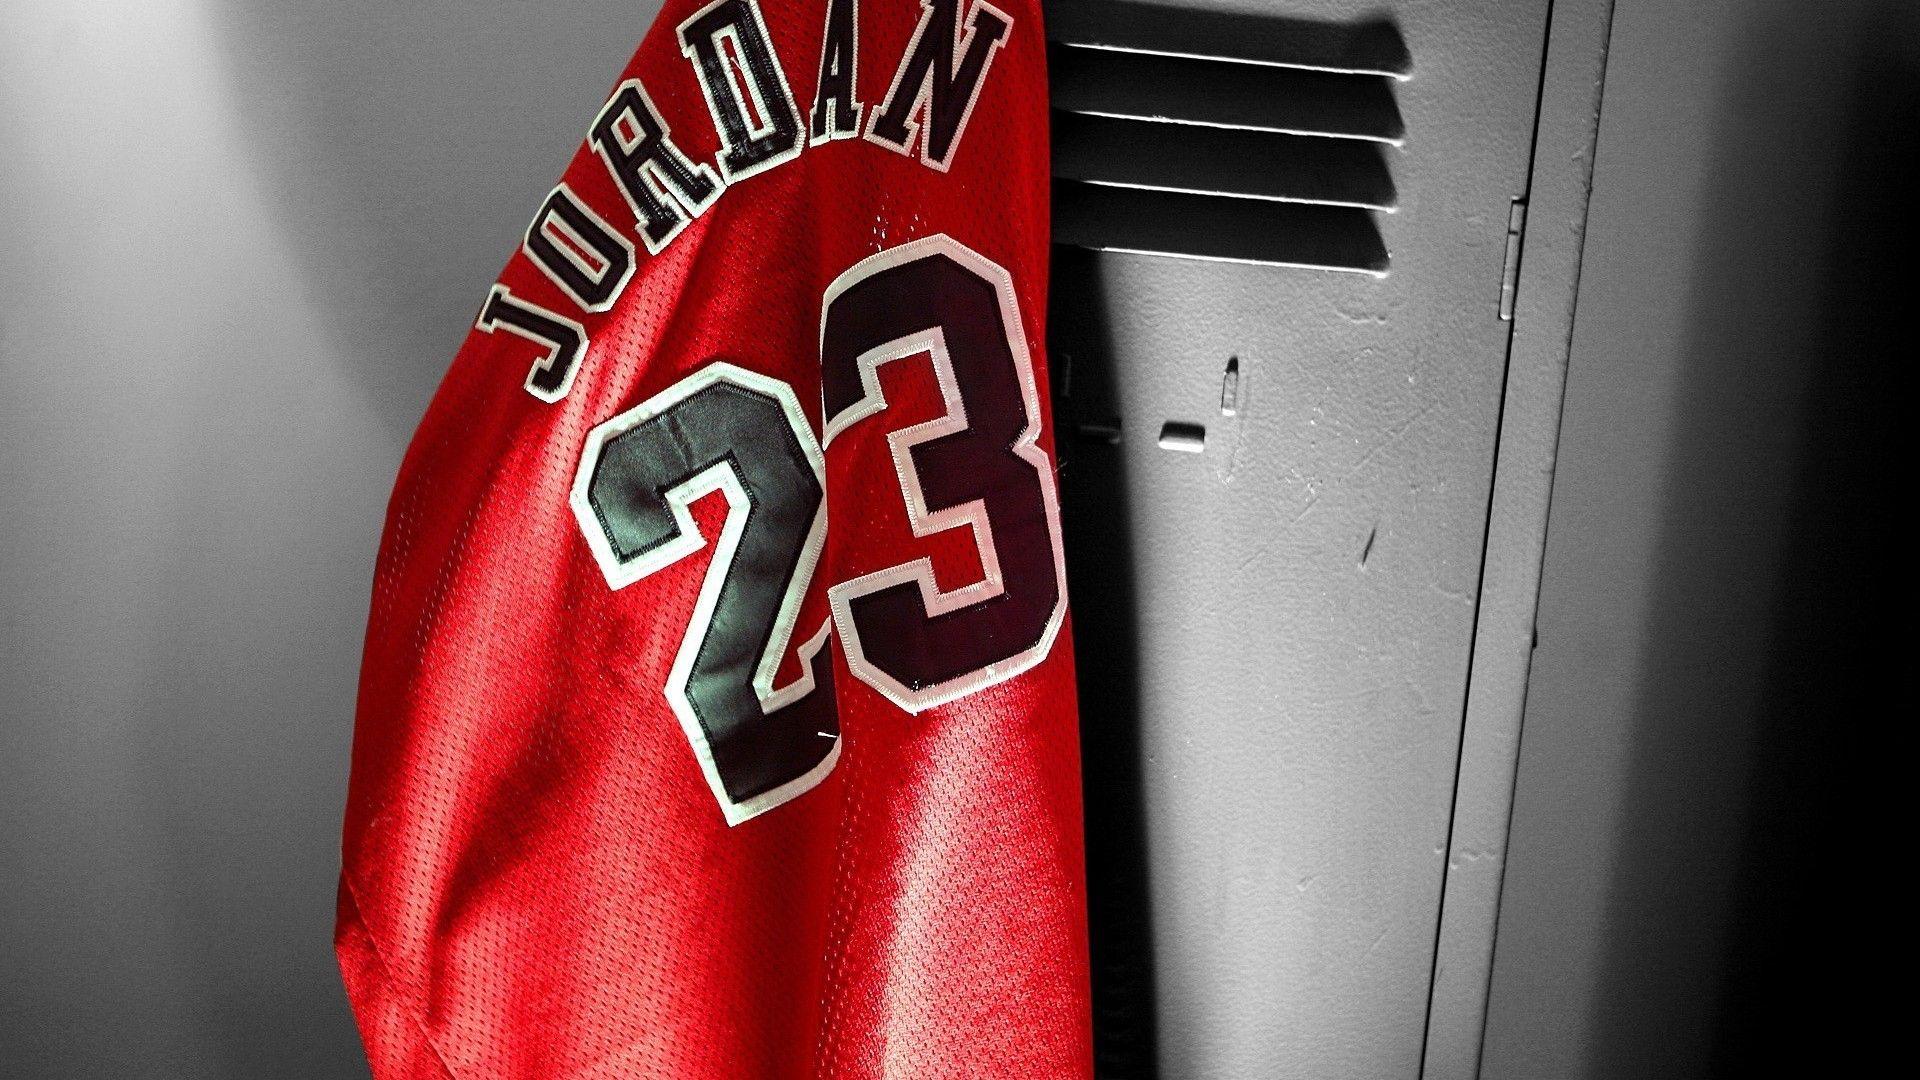 Must see Wallpaper Logo Michael Jordan - fd3434c4e577a05cf5aed134f0517729  You Should Have_25379.jpg